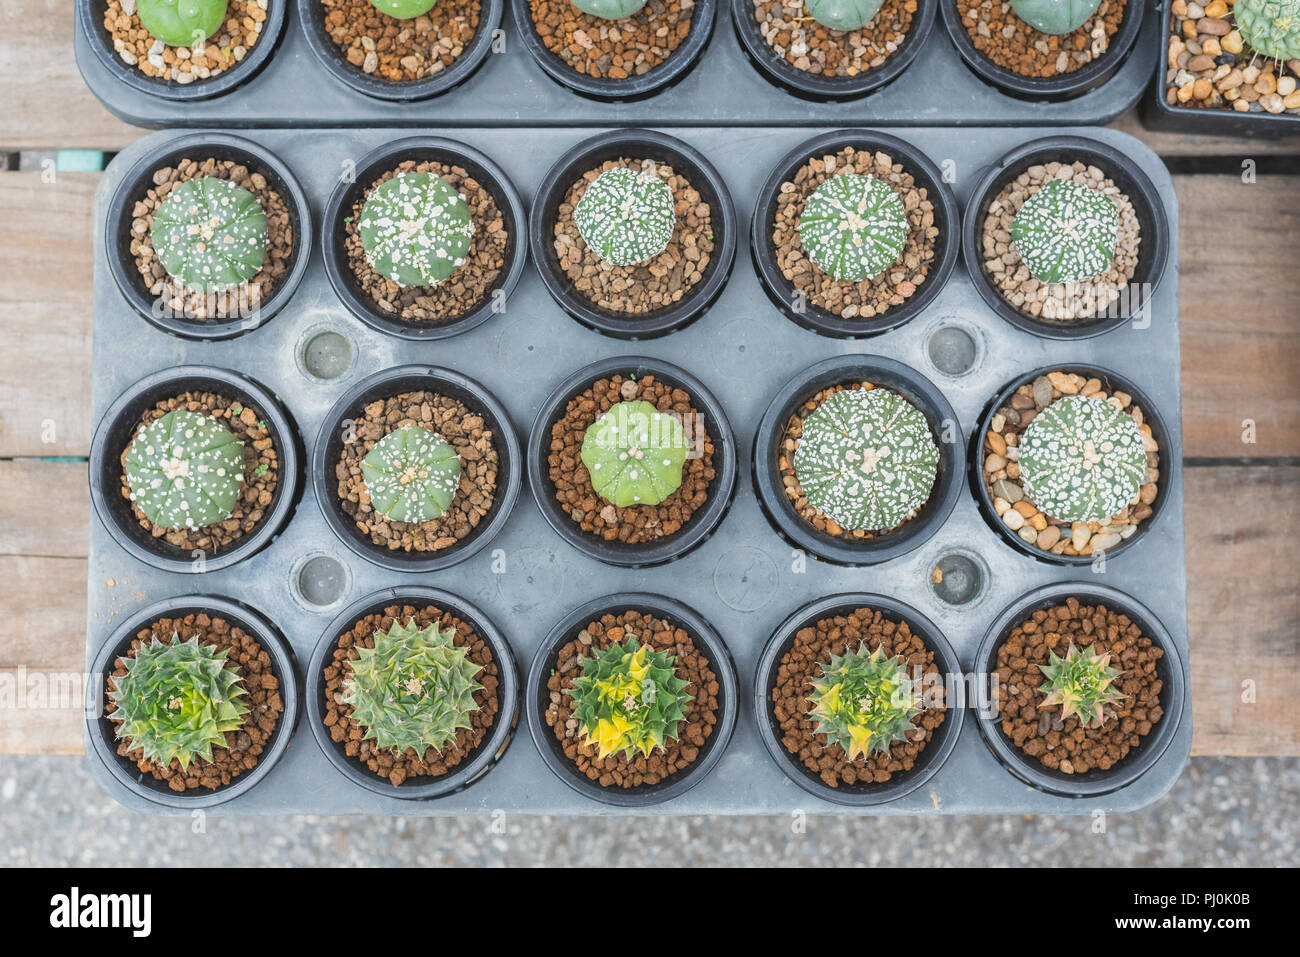 Plantes grasses sur la table en bois. Cactus en pots de plus en plus affiché sur un magasin box pour vendre au marché de l'usine de Chatuchak, Bangkok Banque D'Images